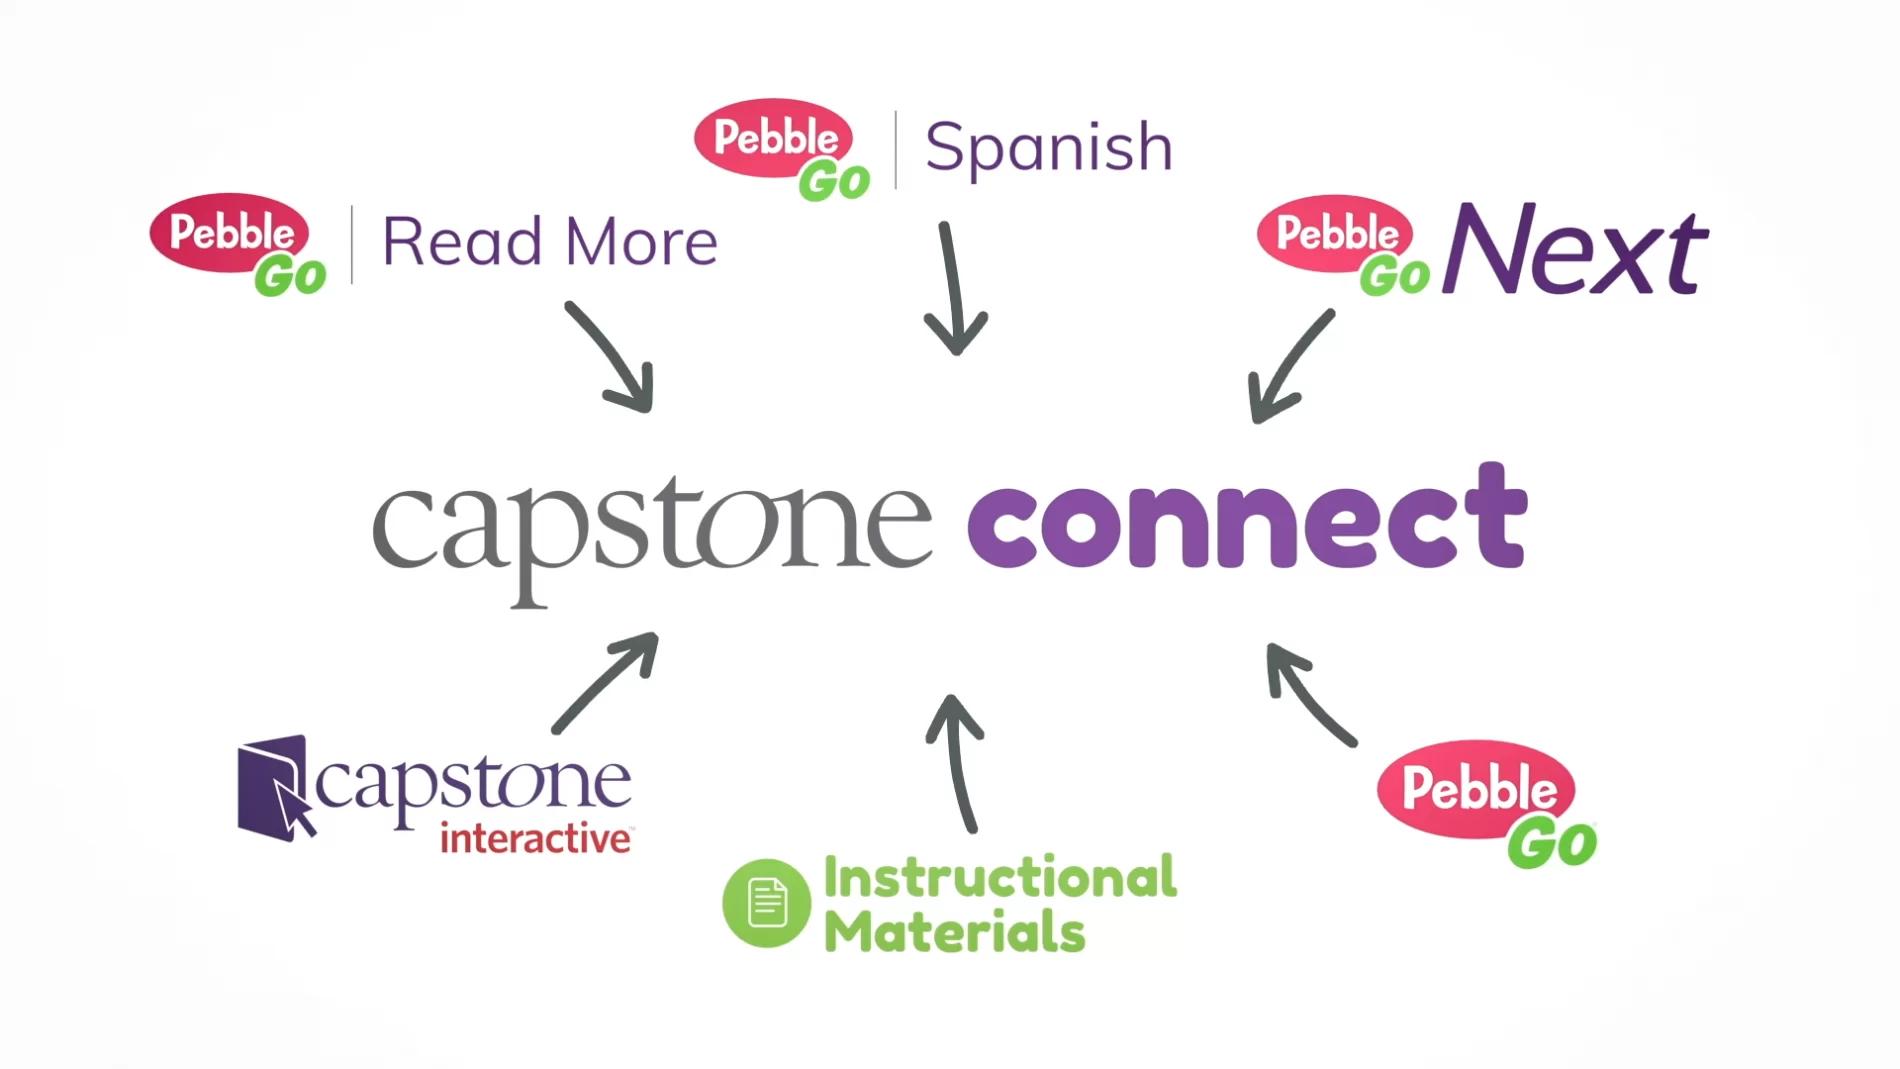 Capstone Connect